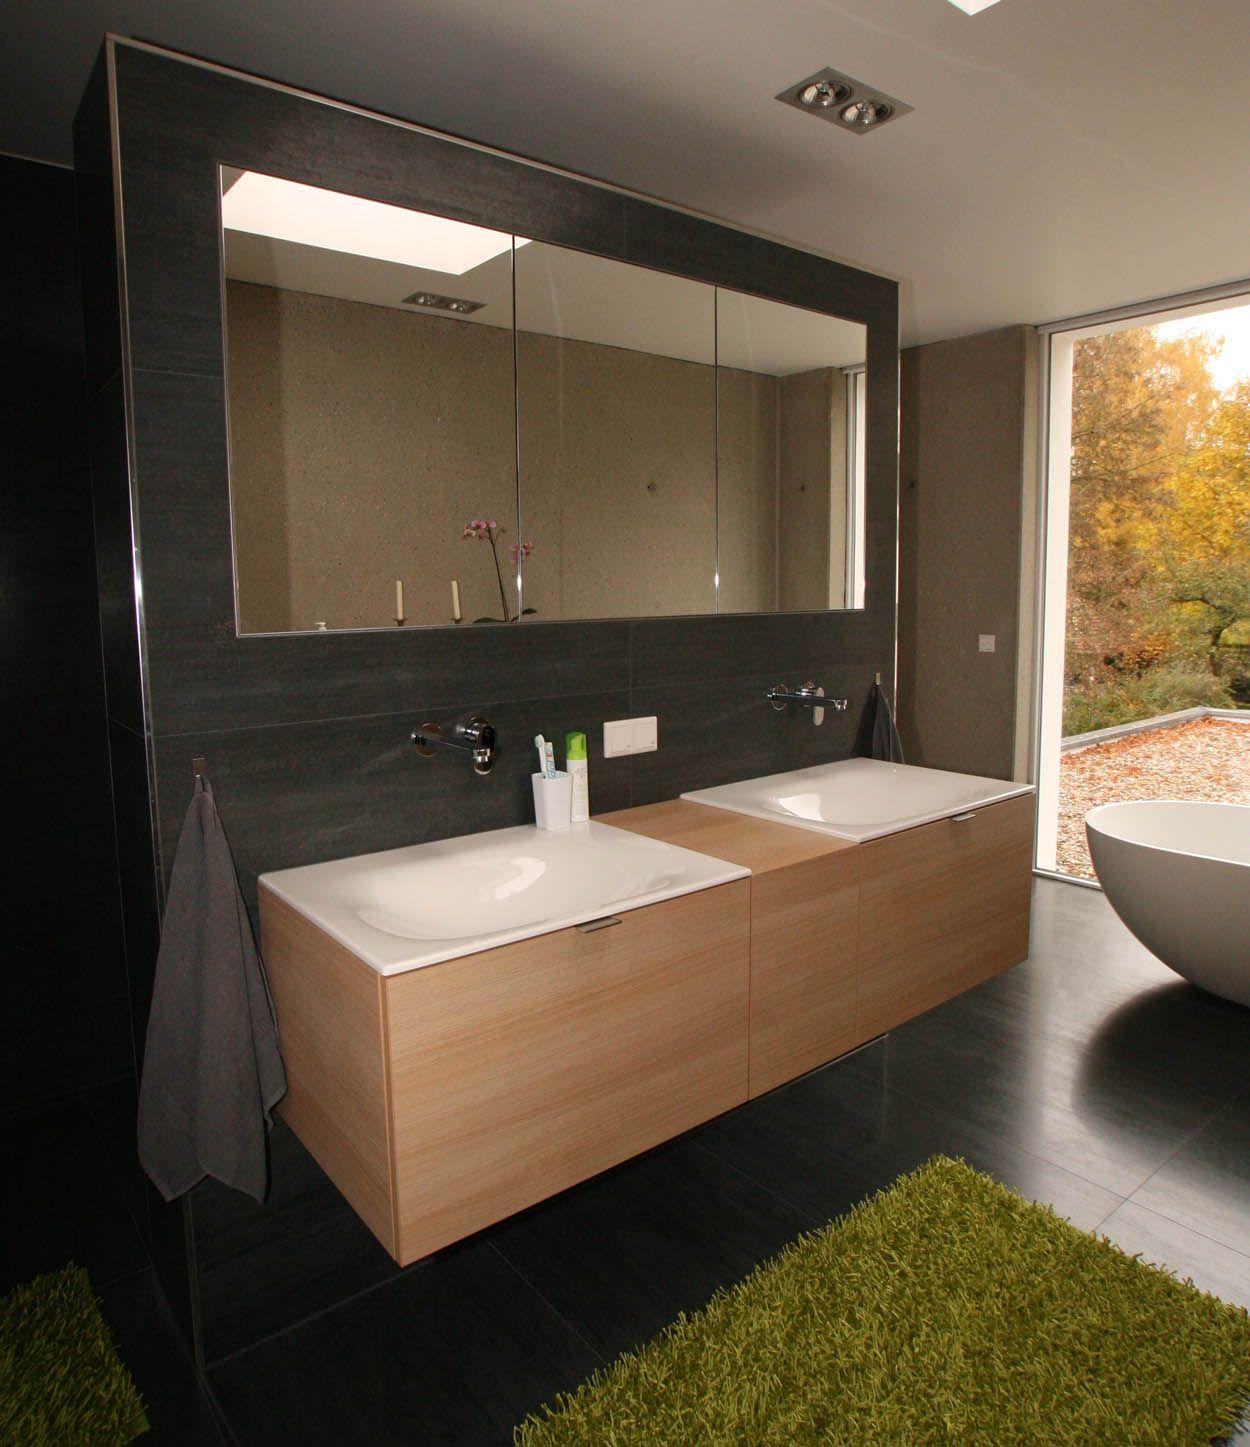 Badezimmer nach Maß - Schreinerei Wiedmann  Badezimmer